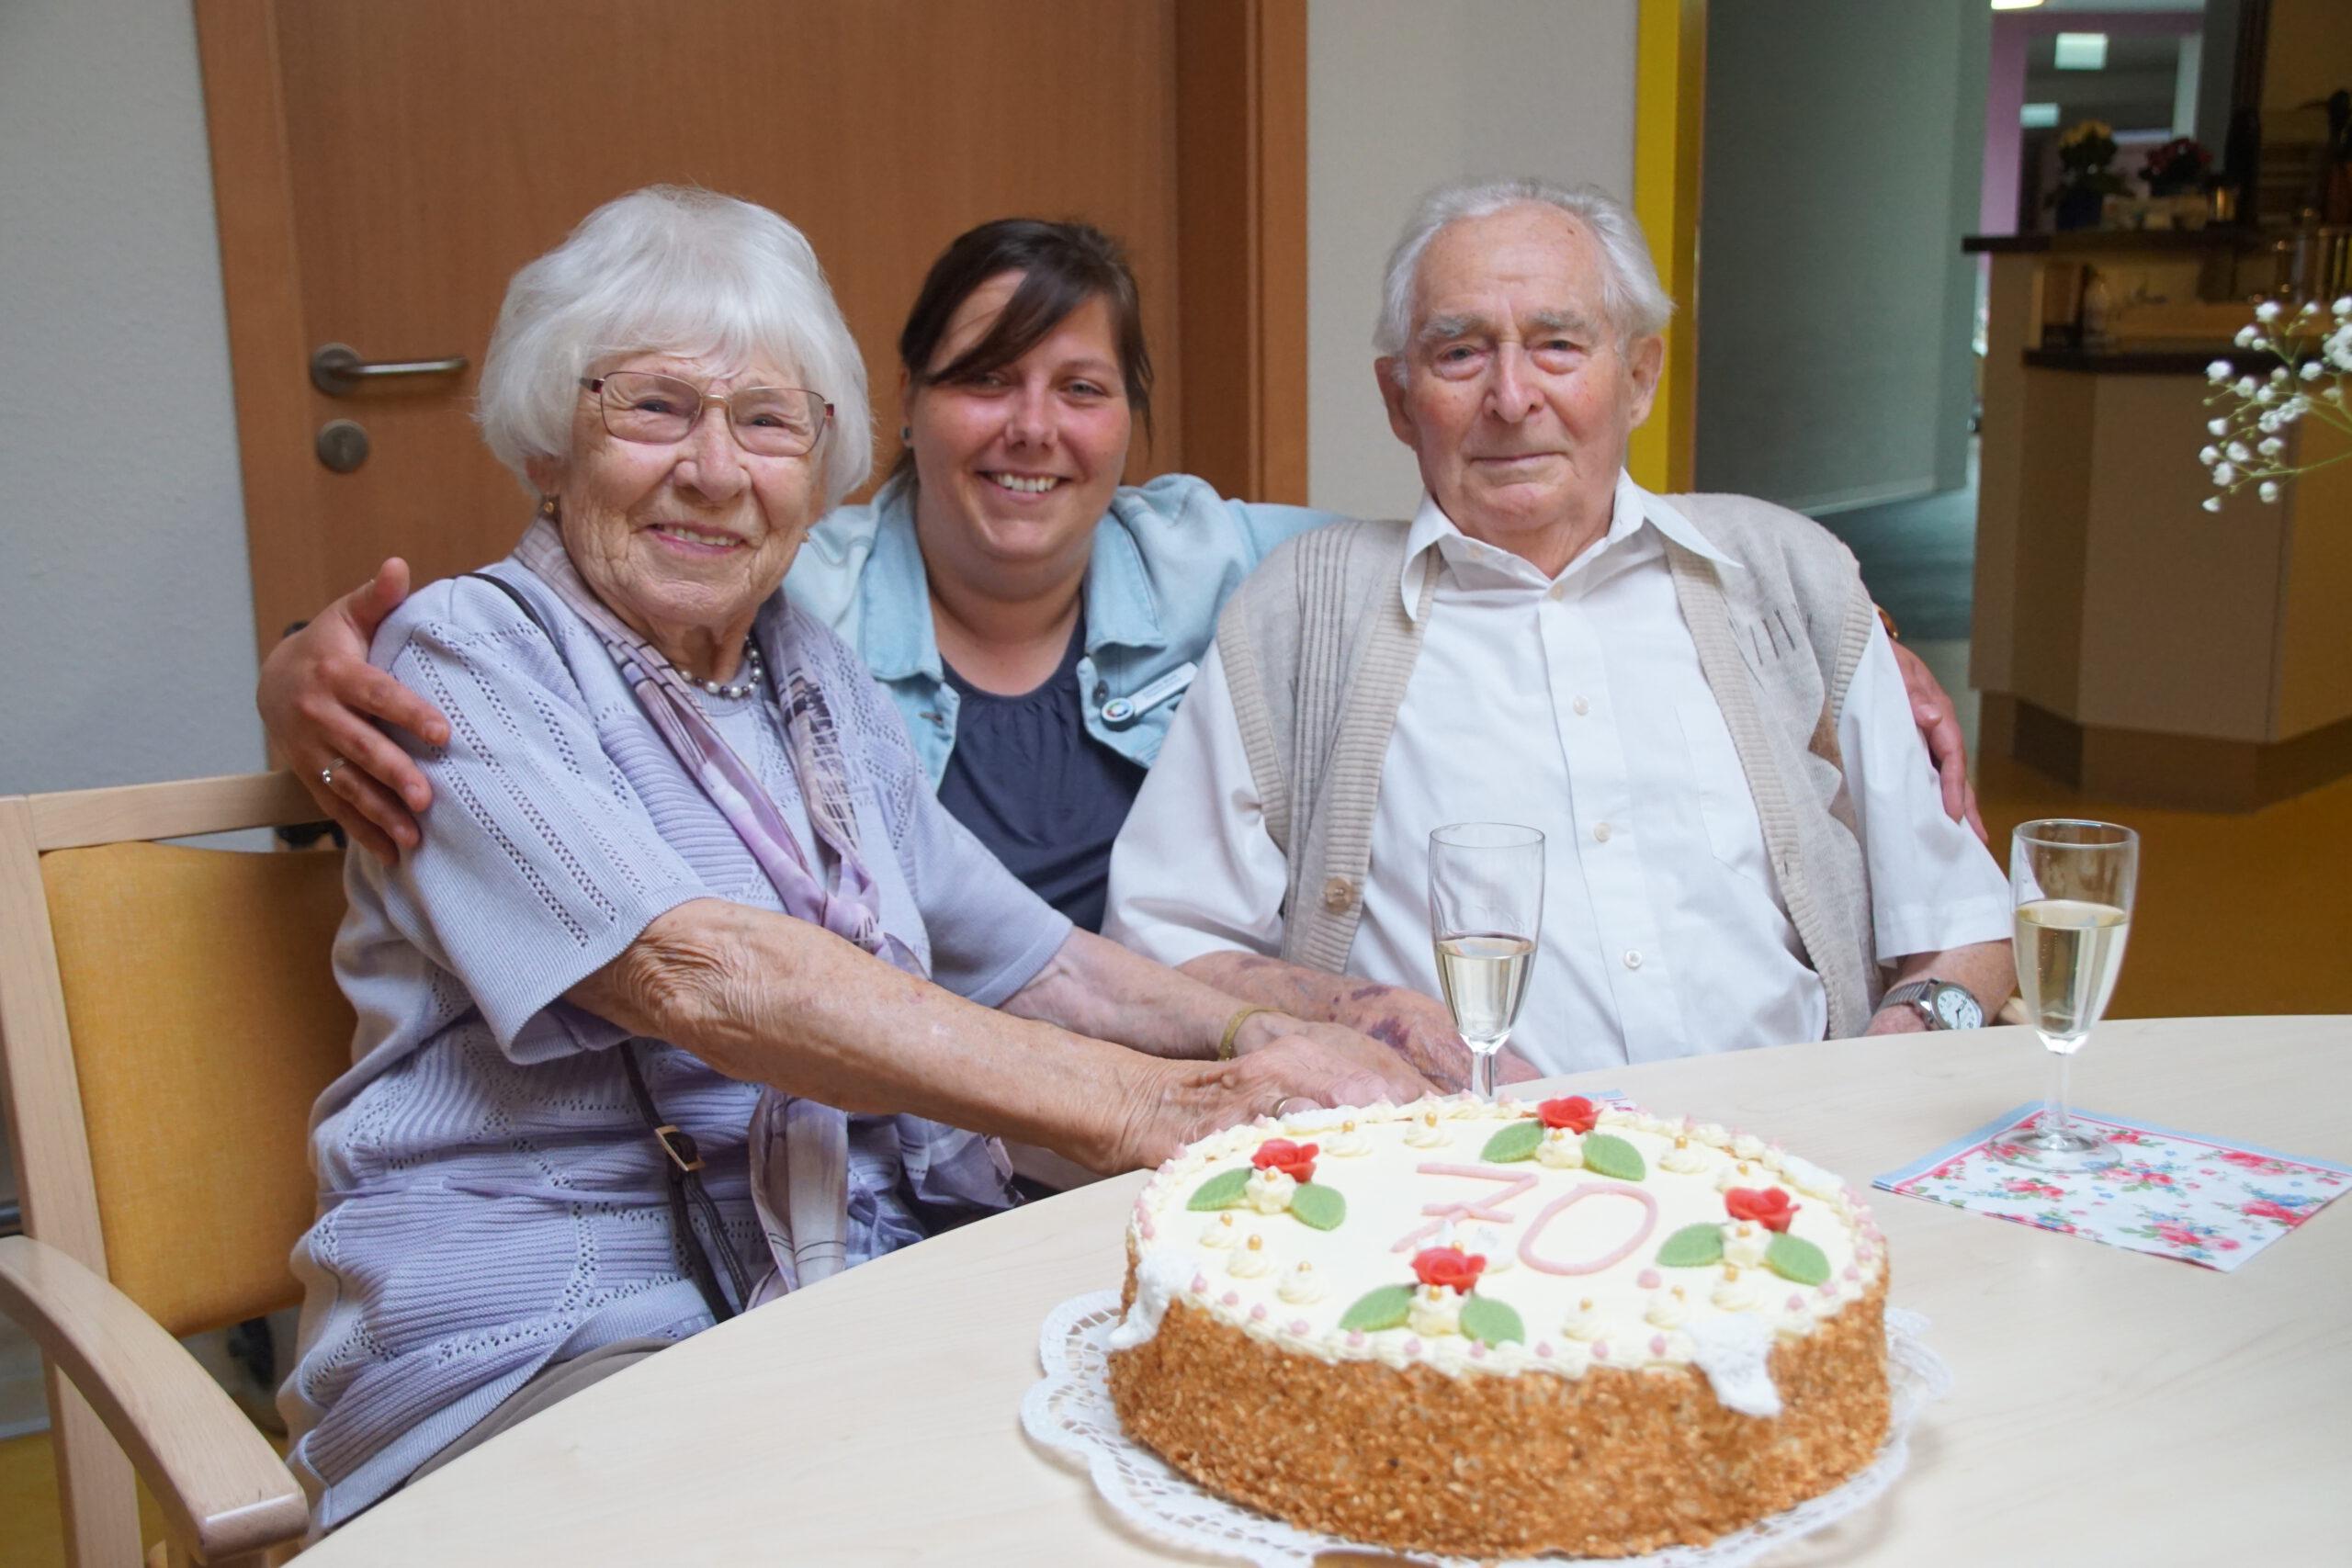 Daniela Wolff, Pflegedienstleiterin im Wohnpark Tangerhütte, gratuliert Gisela und Günter Schwentesius zum 70. Hochzeitstag. Foto: Fabian Biastoch